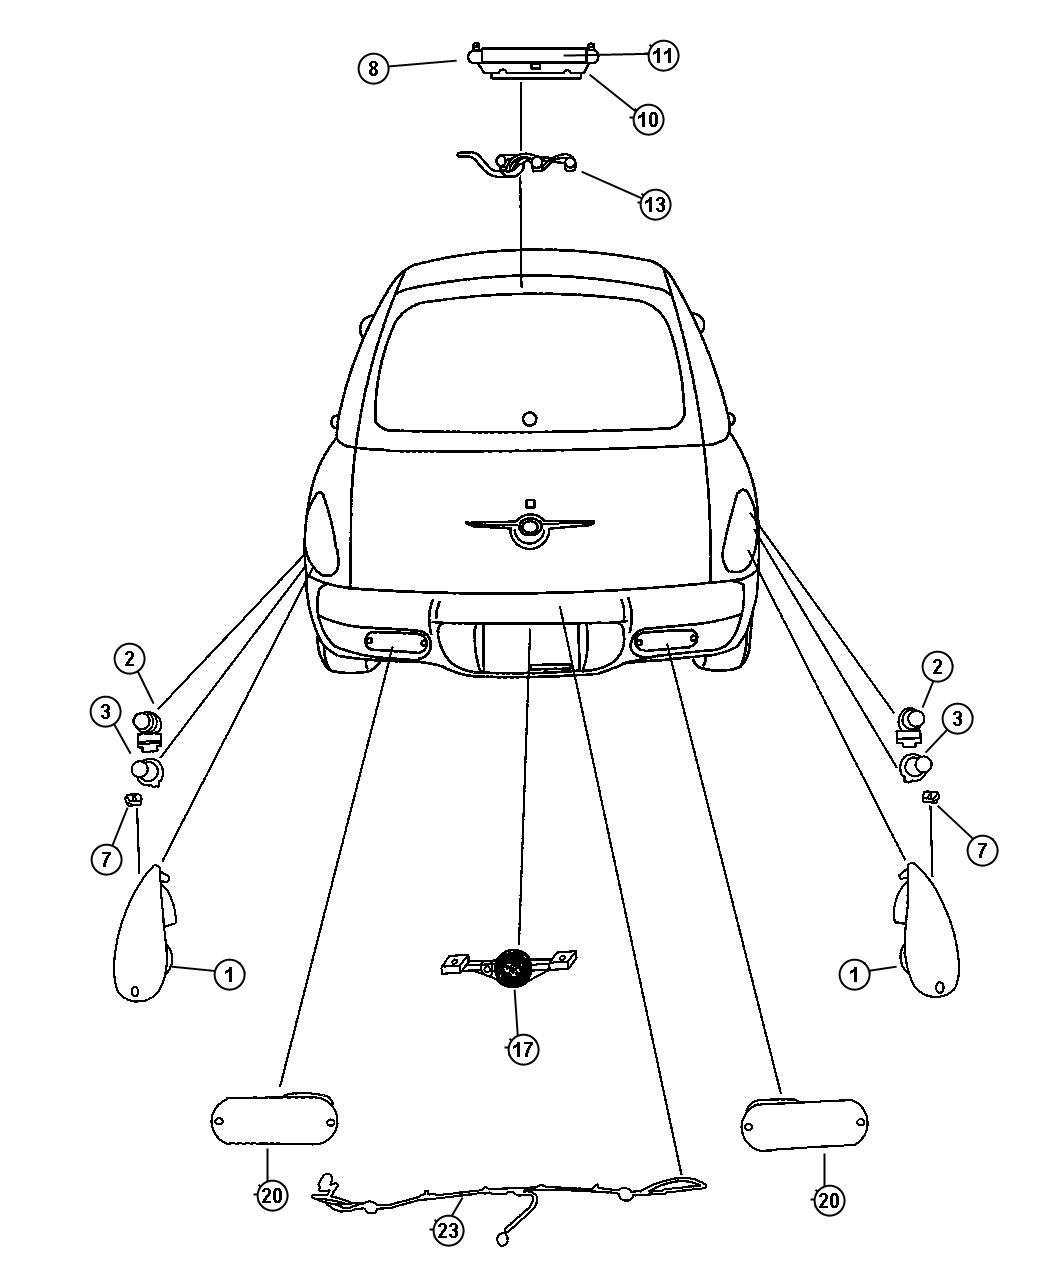 Chrysler Pt Cruiser Lamp Backup Export Lamps Rear